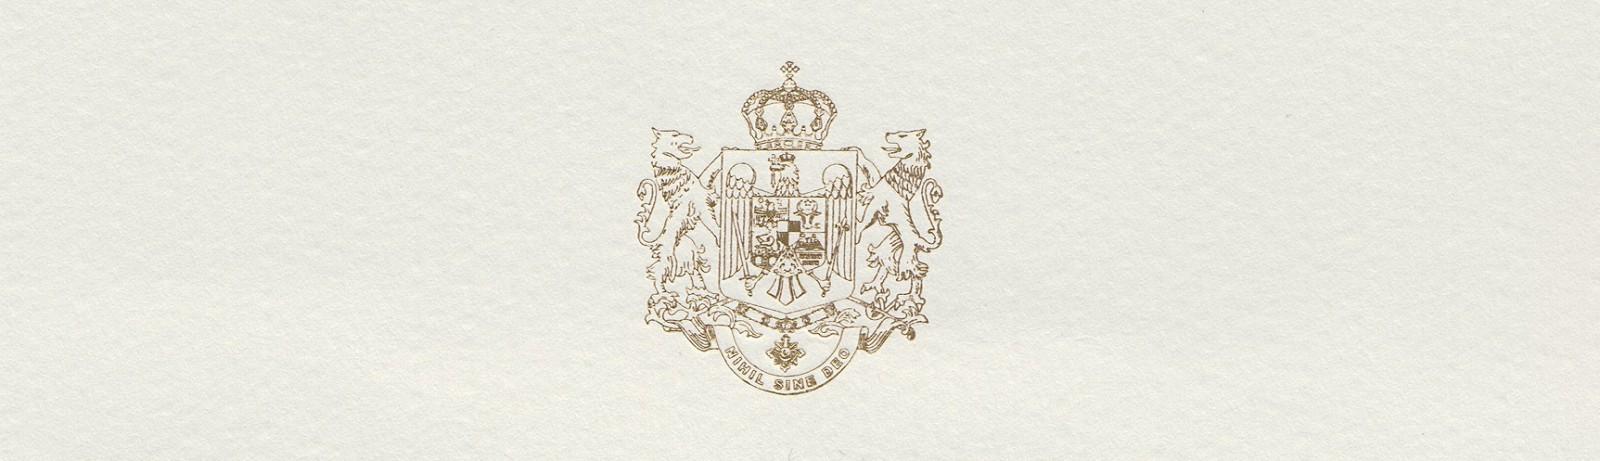 BRAȘOV Casa Sfatului Expoziția Regele Mihai (1921 -2017)